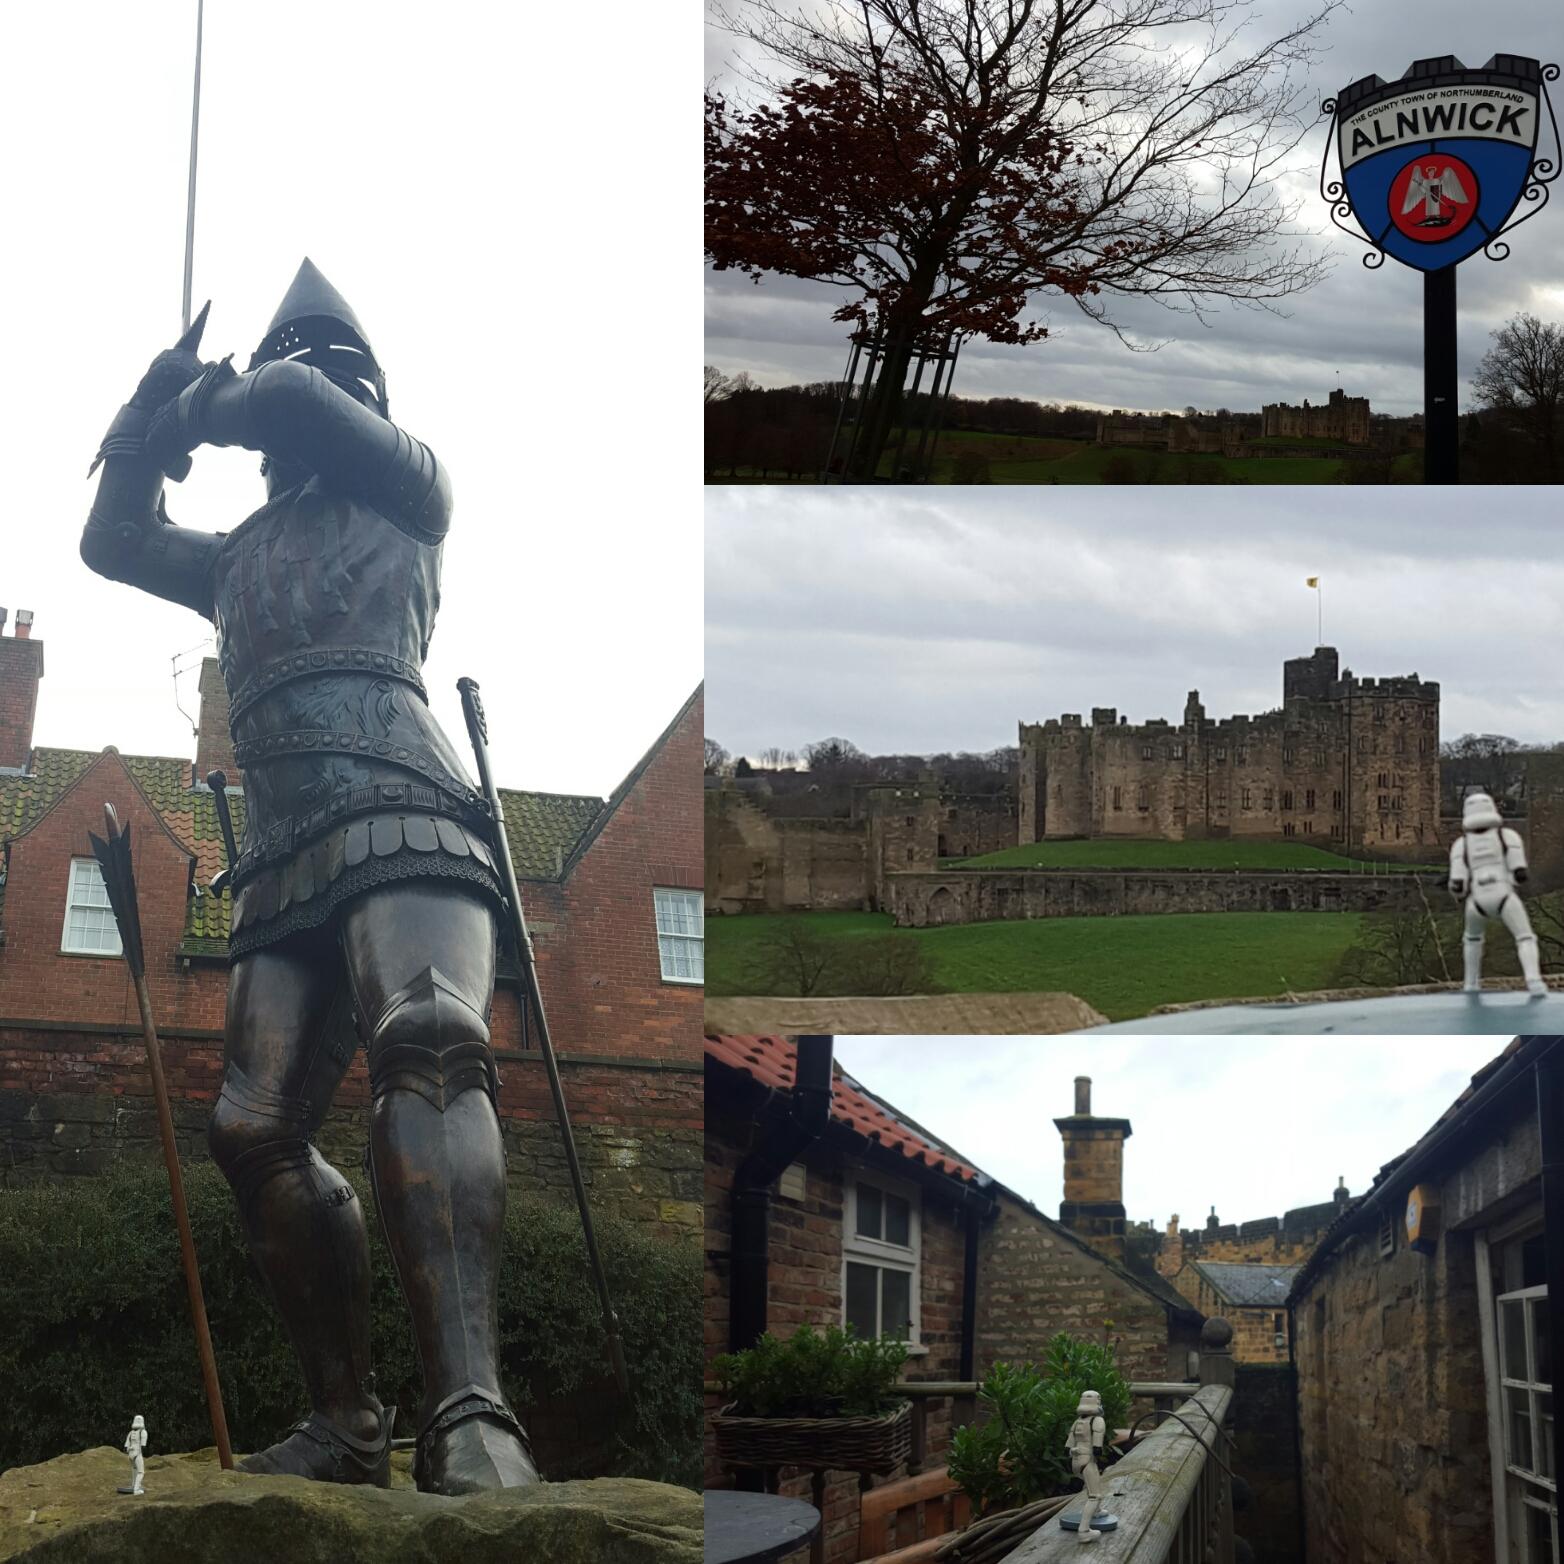 Dave in Alnwick, Scotland